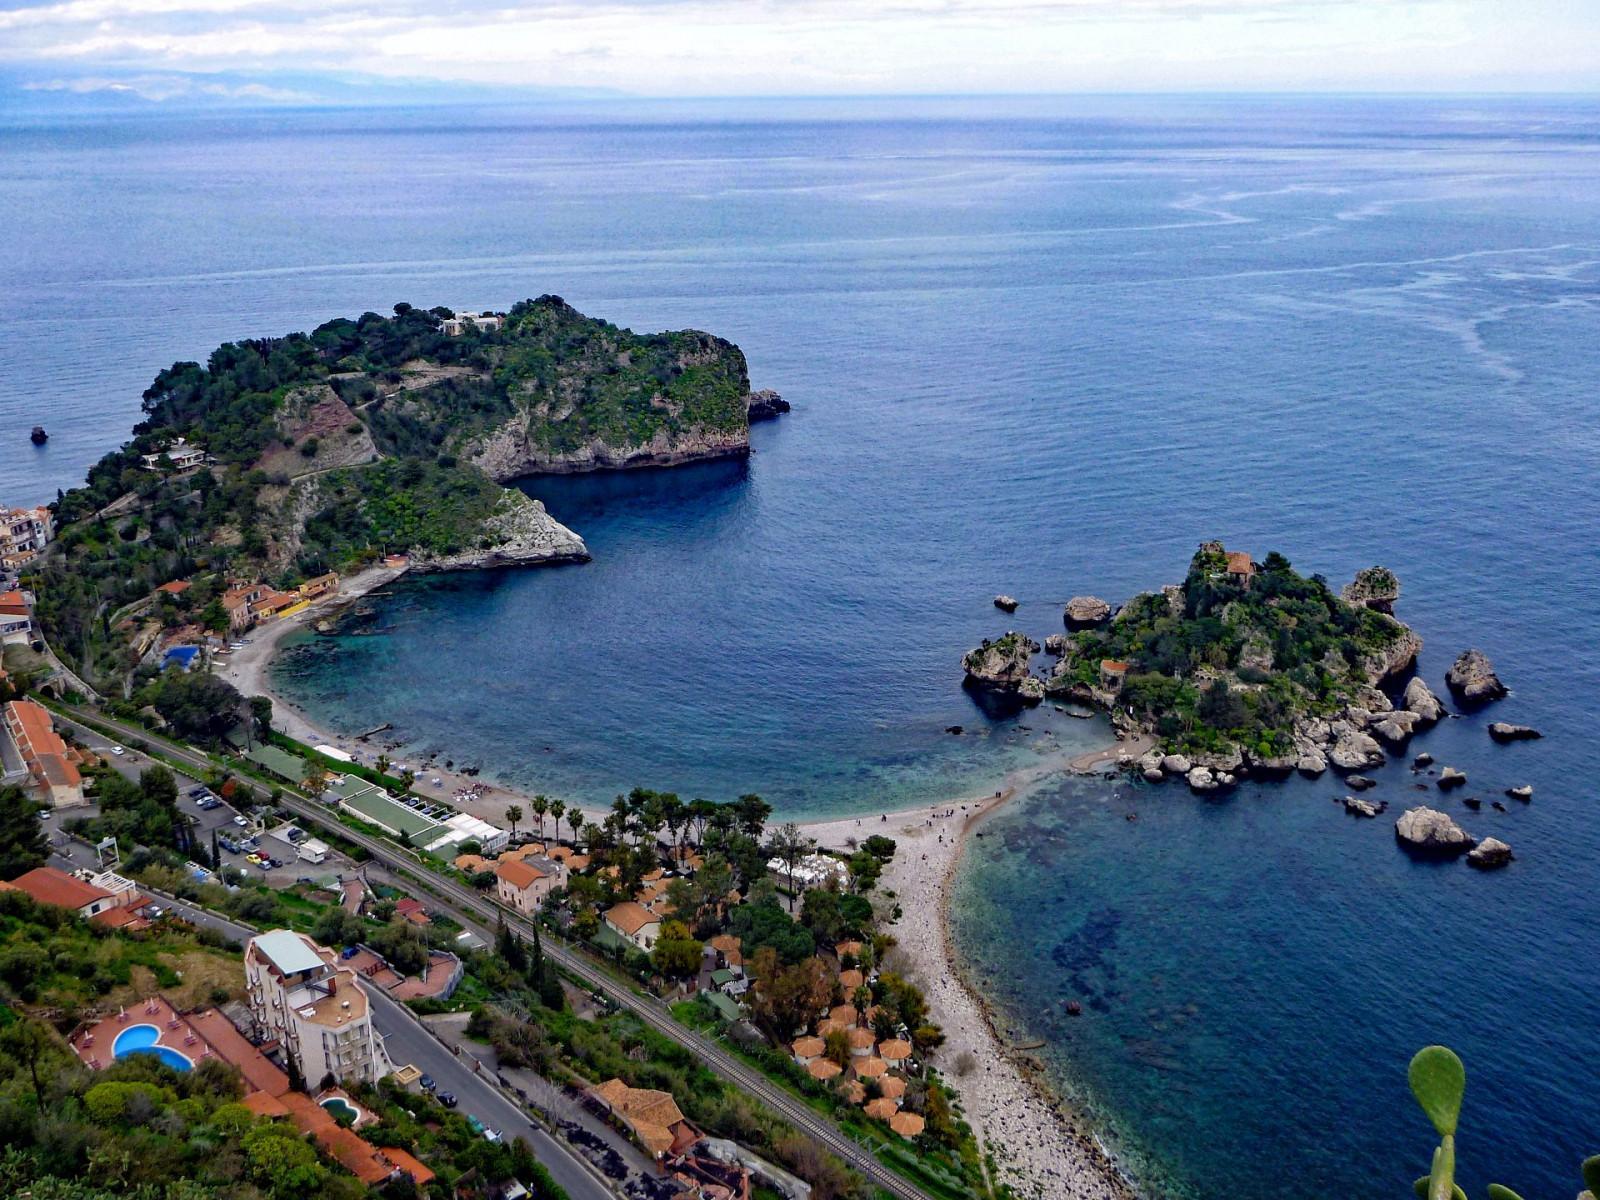 Tour privato in gommone nella Baia di Taormina